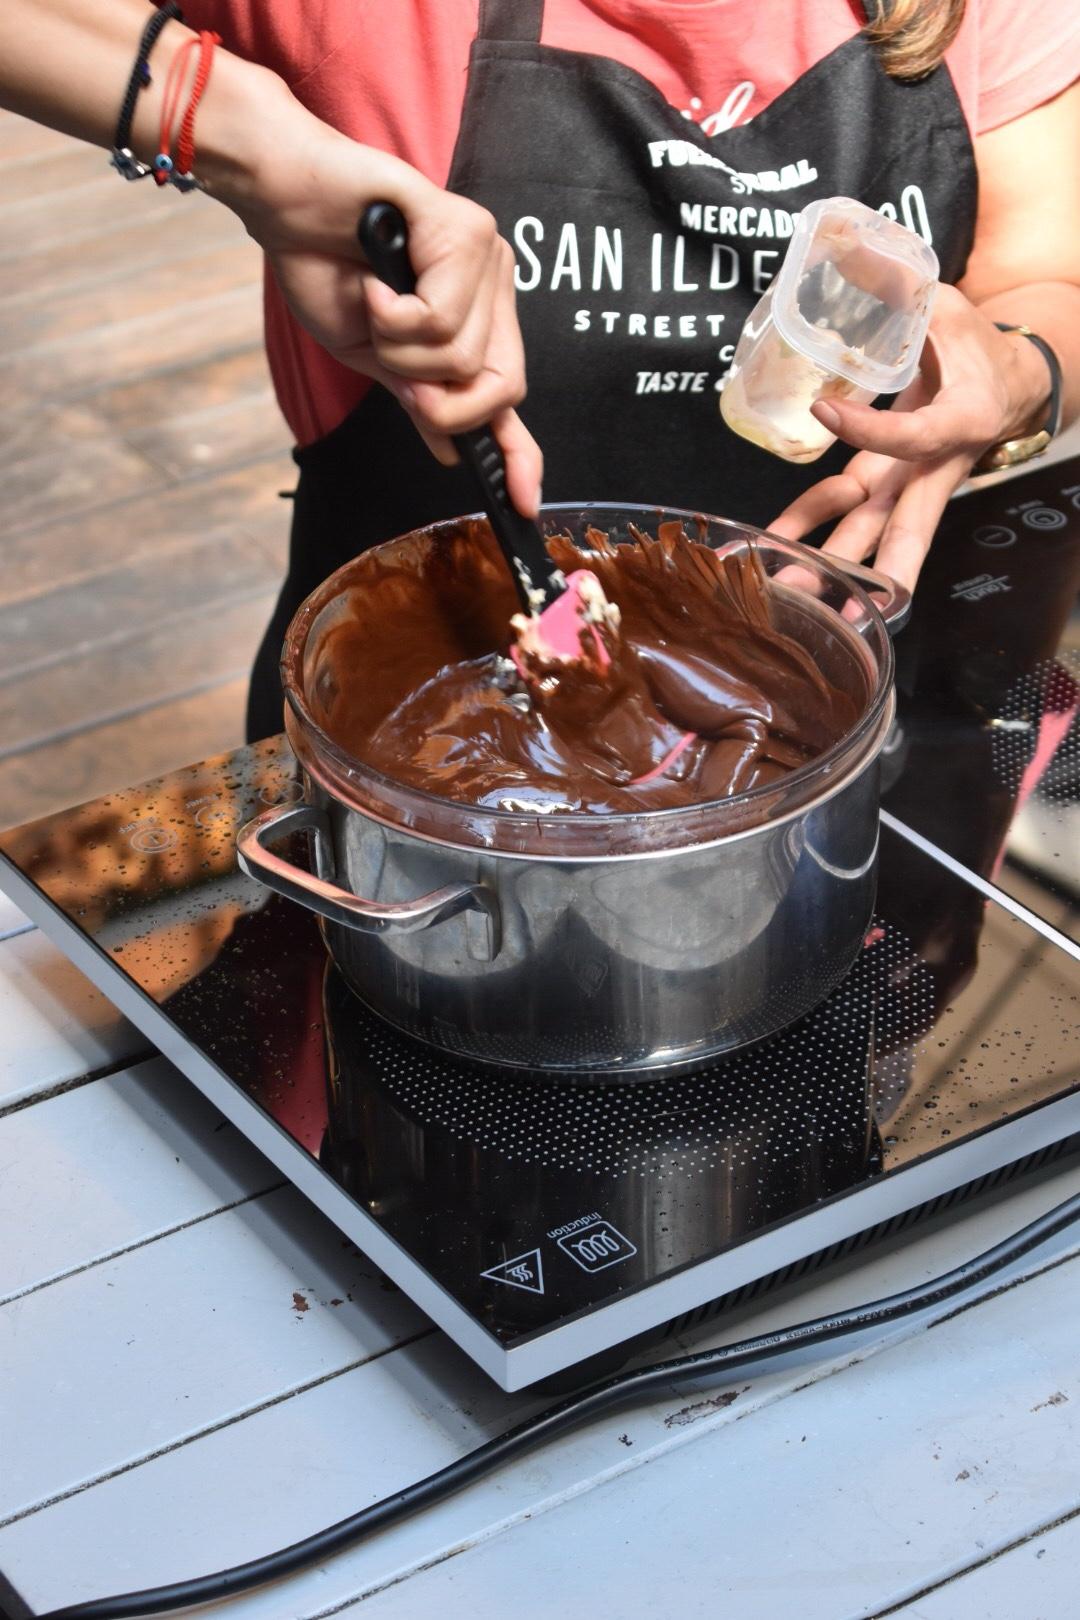 Salami de chocolate un trampantojo muy dulce. Showcooking trampantojos en el Mercado de San Ildefonso